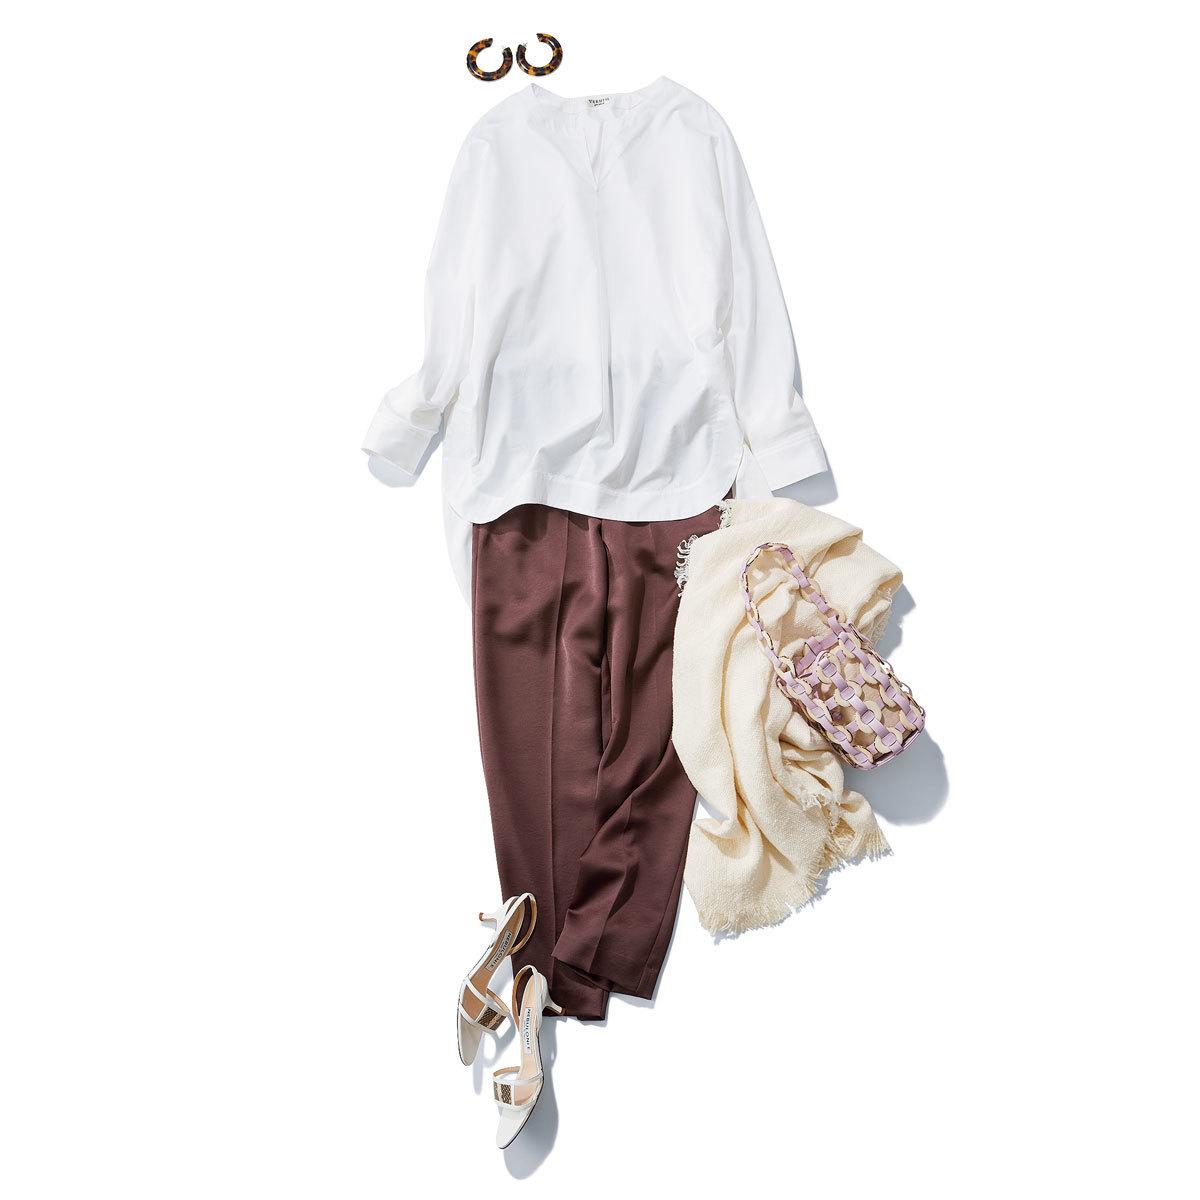 チュニックシャツ×サテン風パンツコーデ